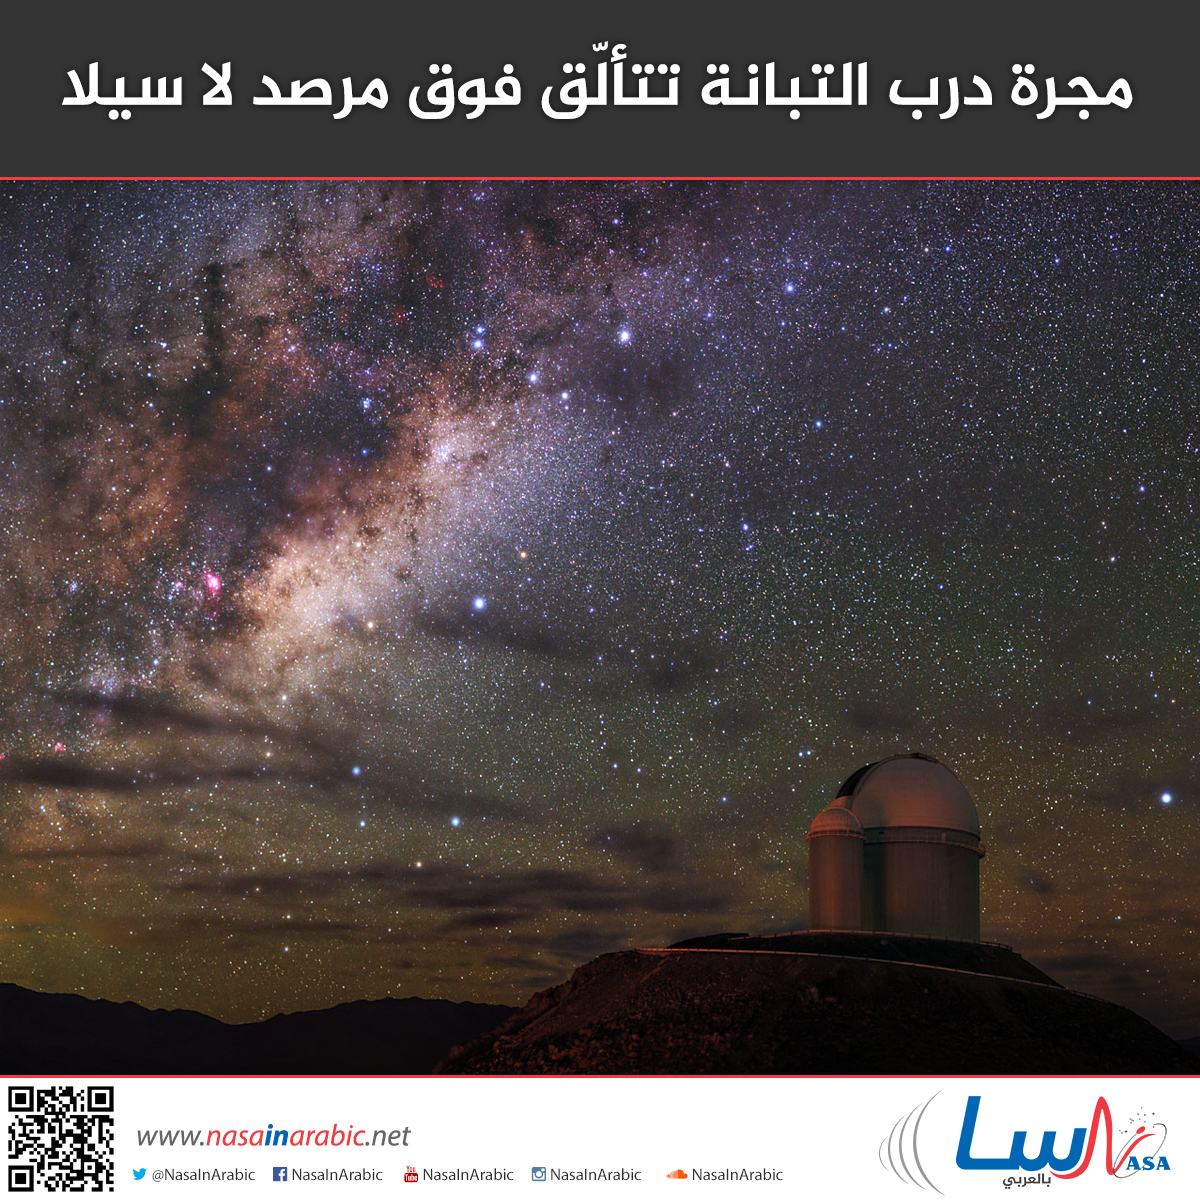 مجرة درب التبانة تتألّق فوق مرصد لا سيلا